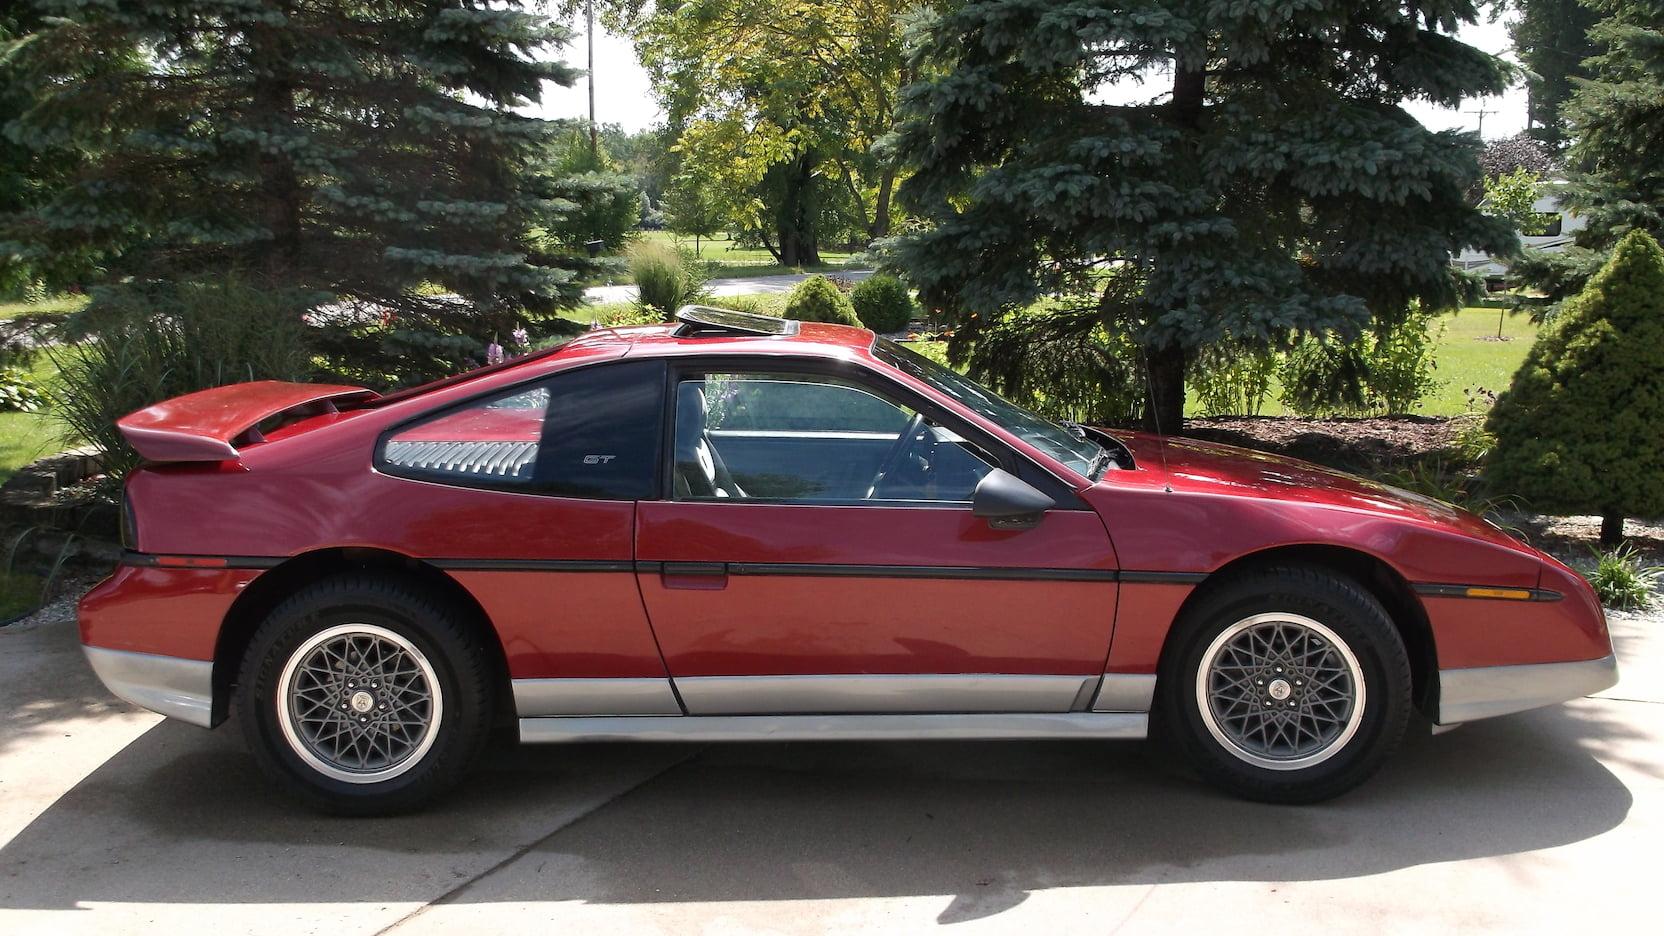 1987 Pontiac Fiero GT profile